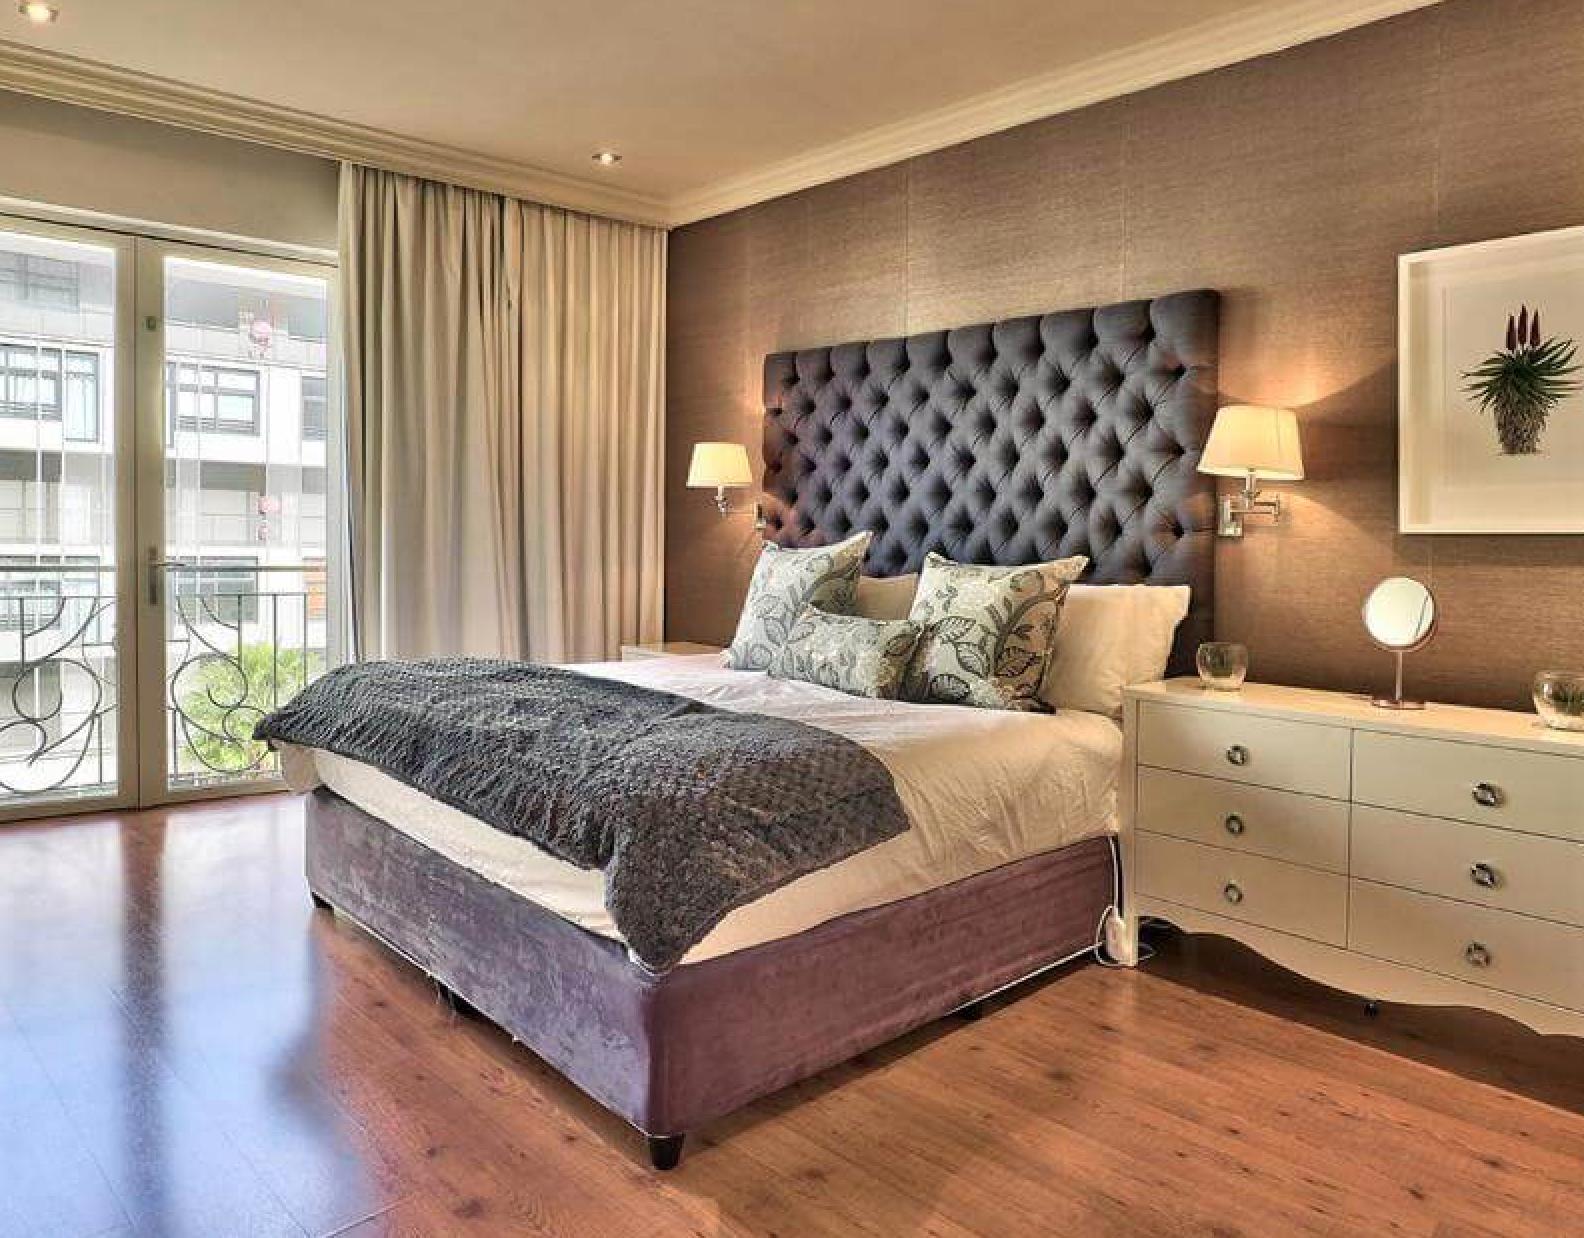 Unit 509 Cape Royale Luxury Apartments